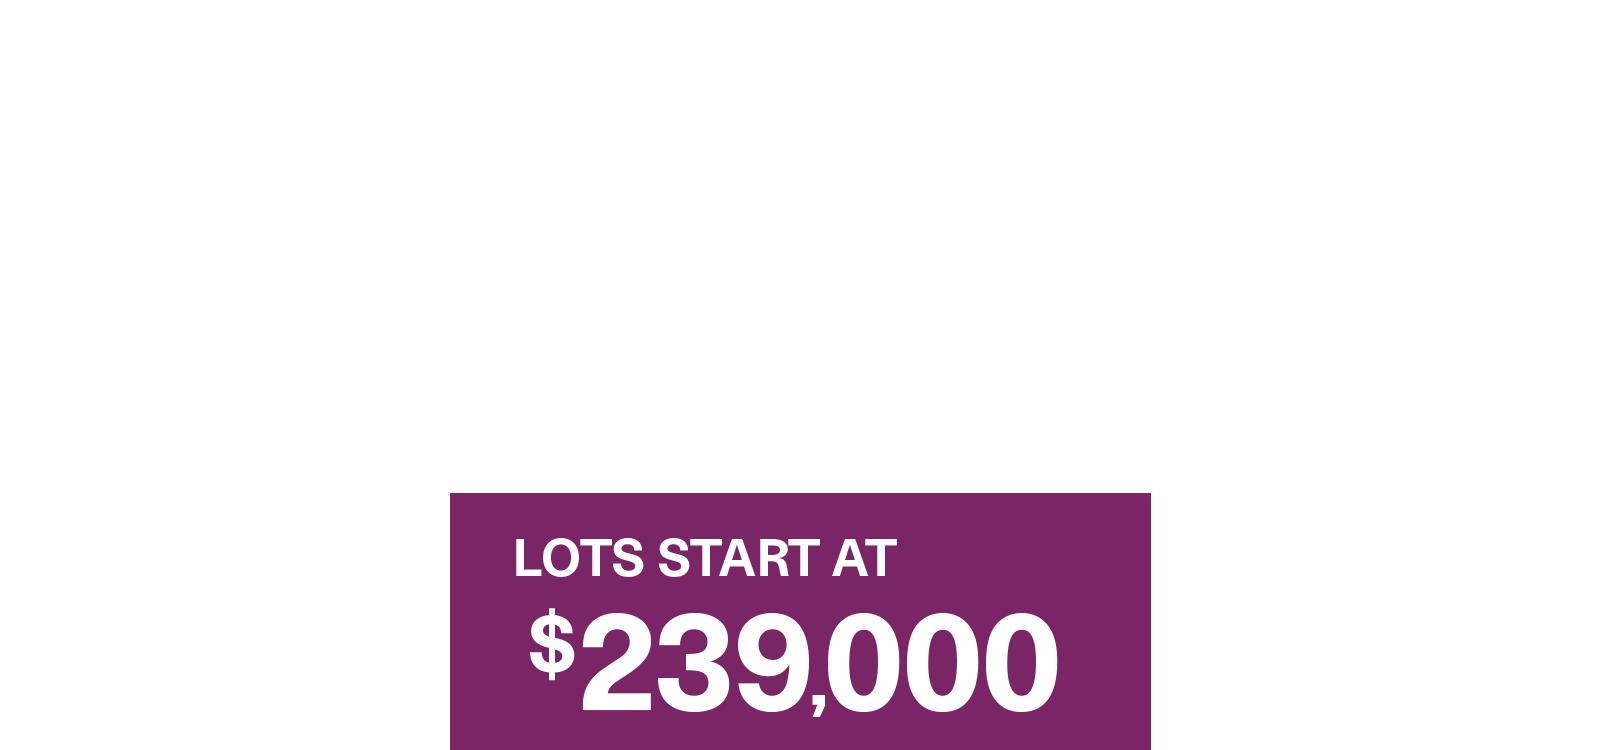 Lots start at $239,000